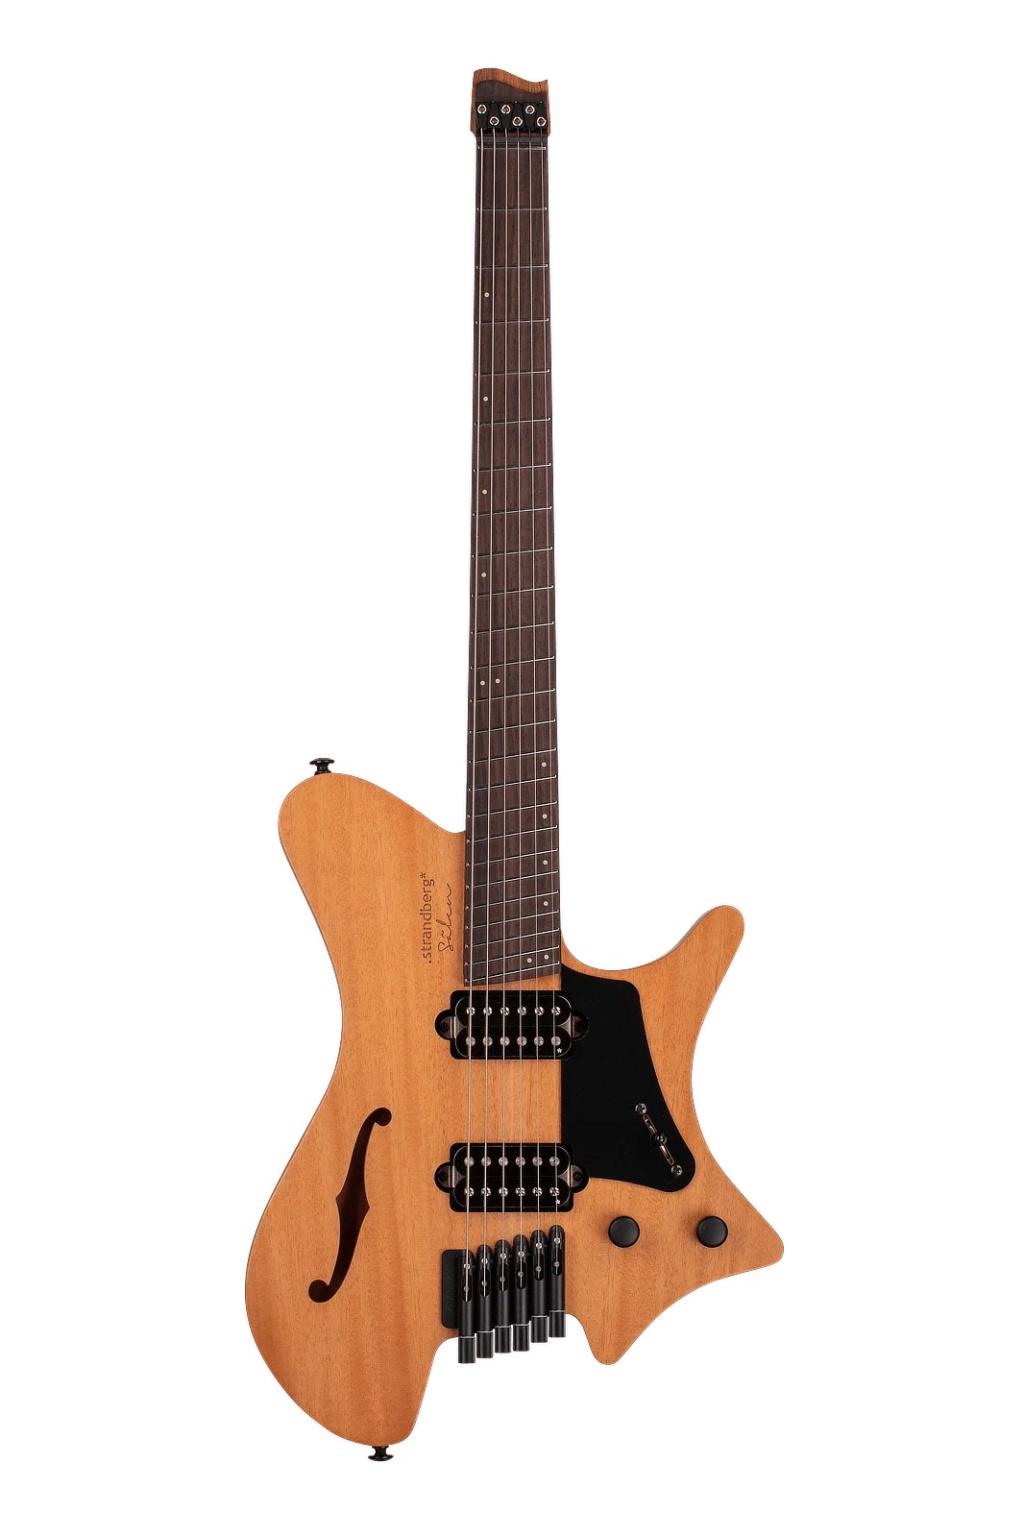 Zeraram a brincadeira - Strandberg fanned true temperament headless guitar Strand12